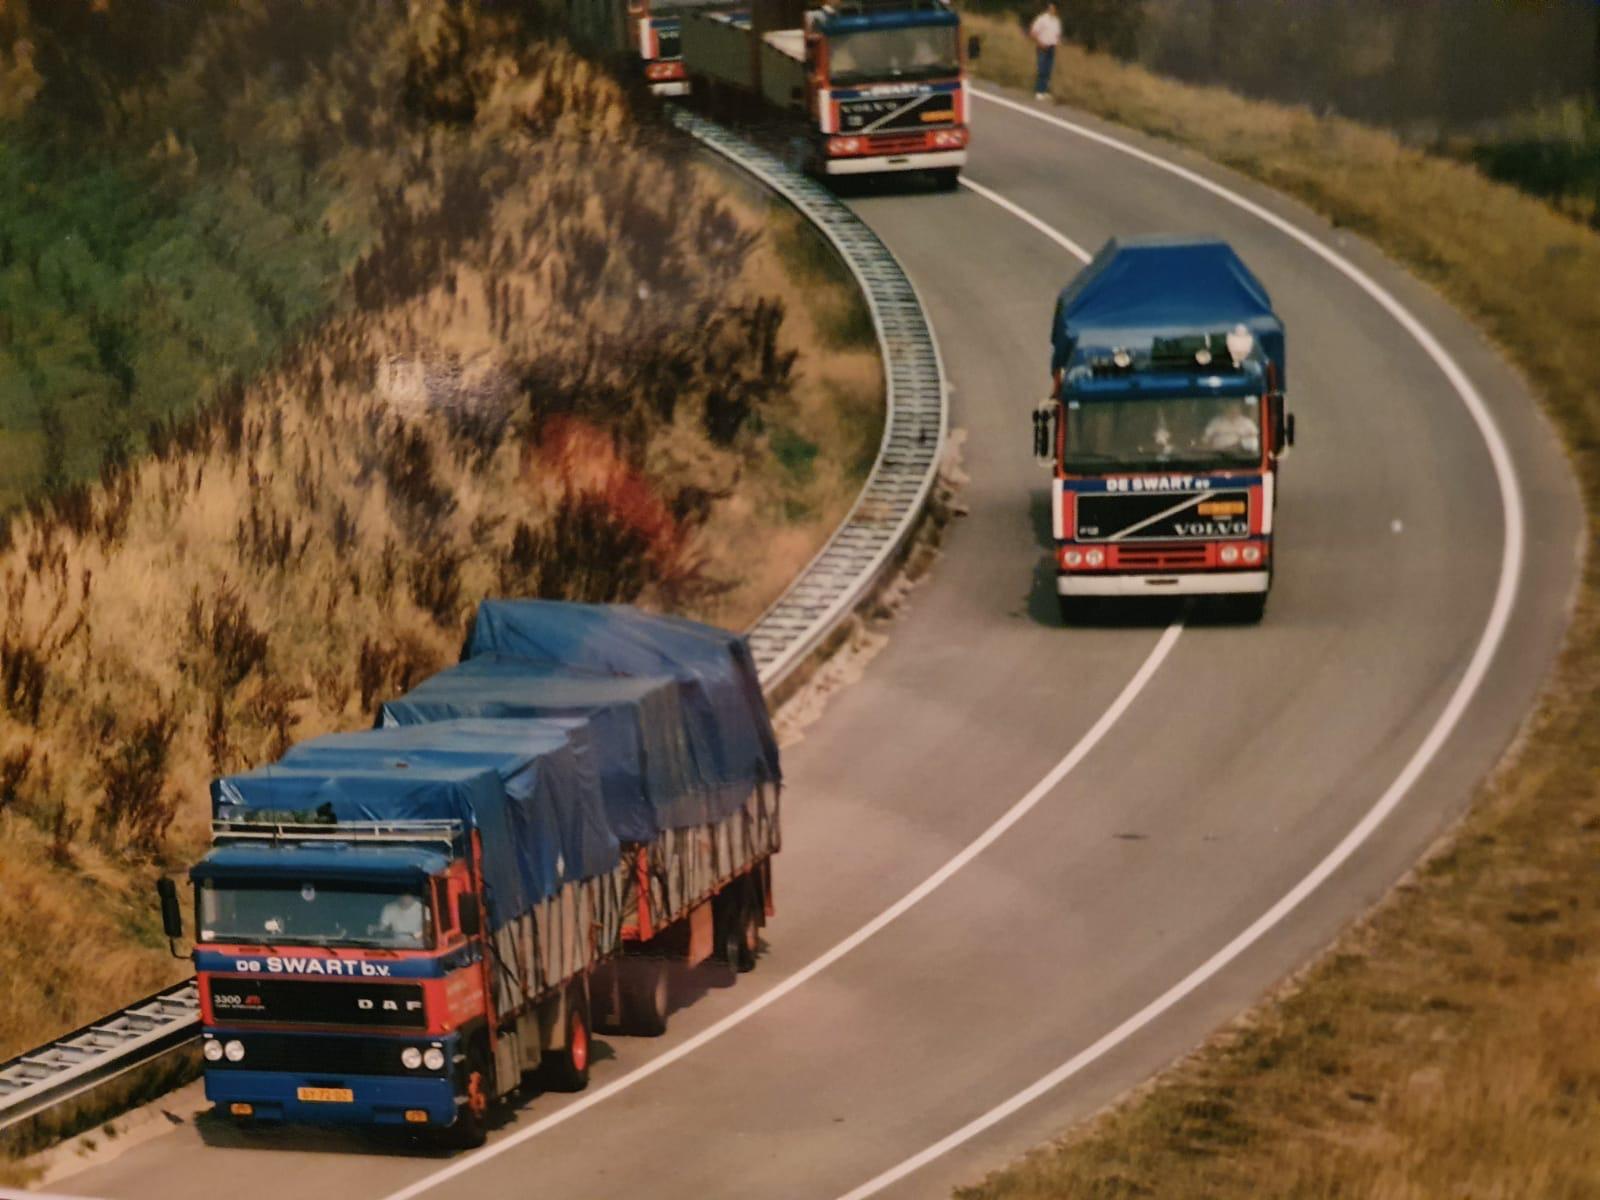 DAF--Volvo